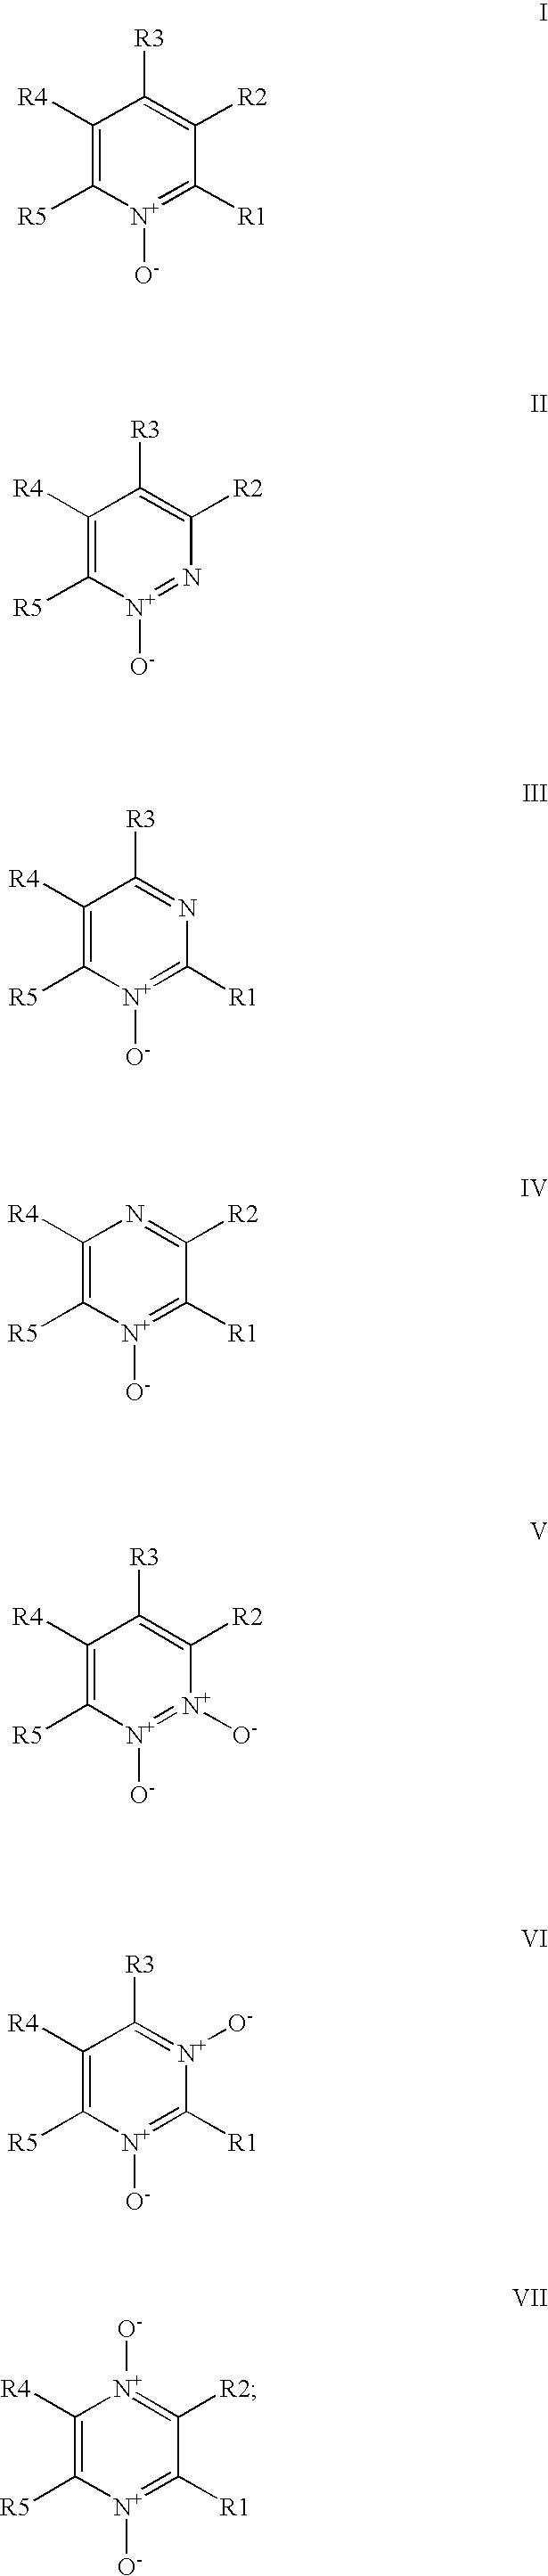 Figure US07288123-20071030-C00053